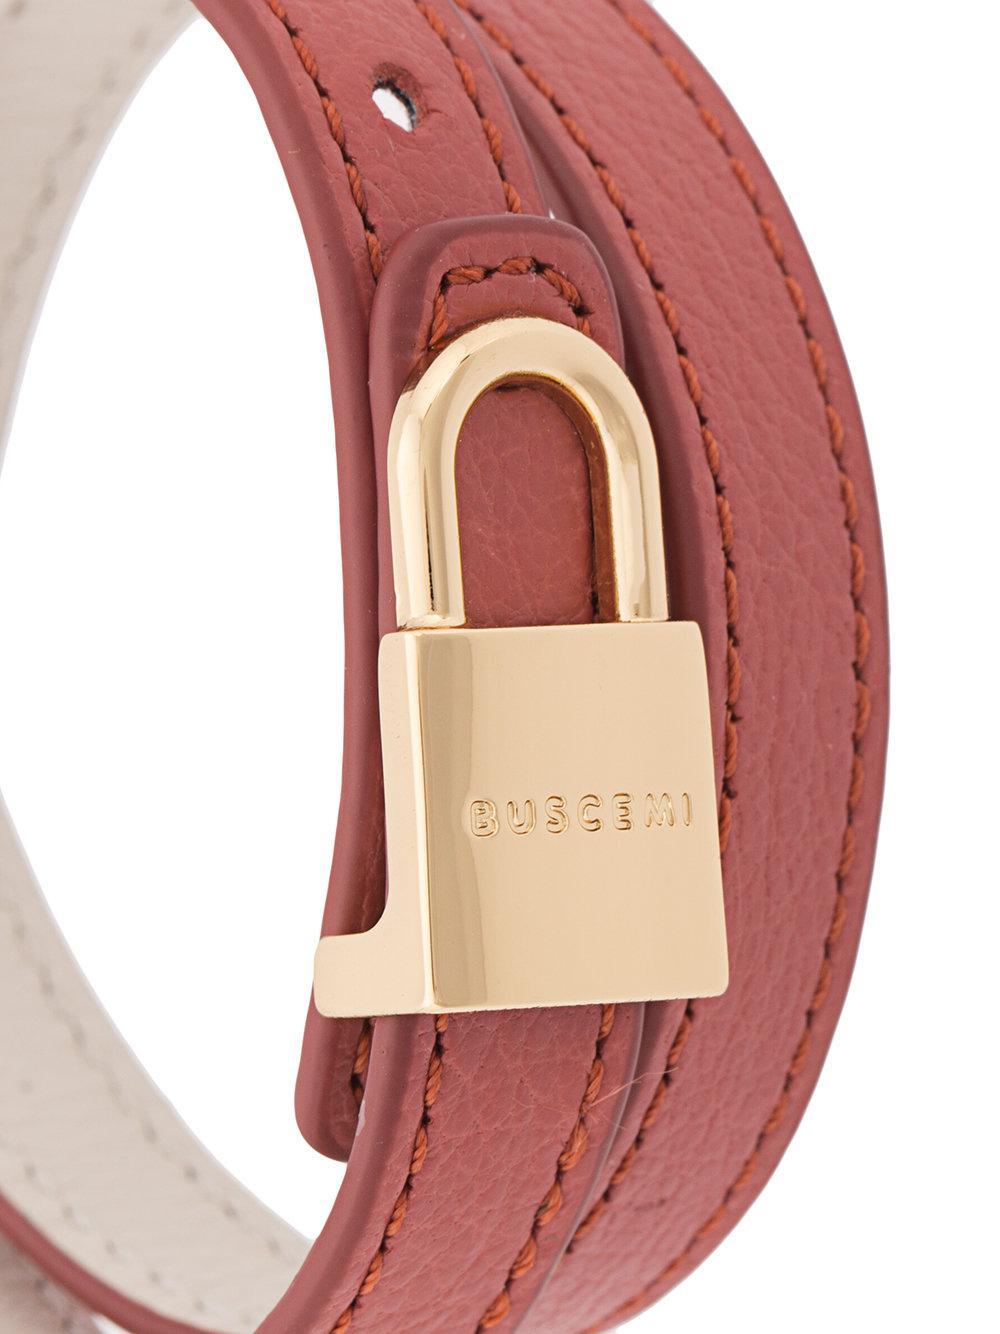 Buscemi wrap around lock bracelet - Green Zqzso